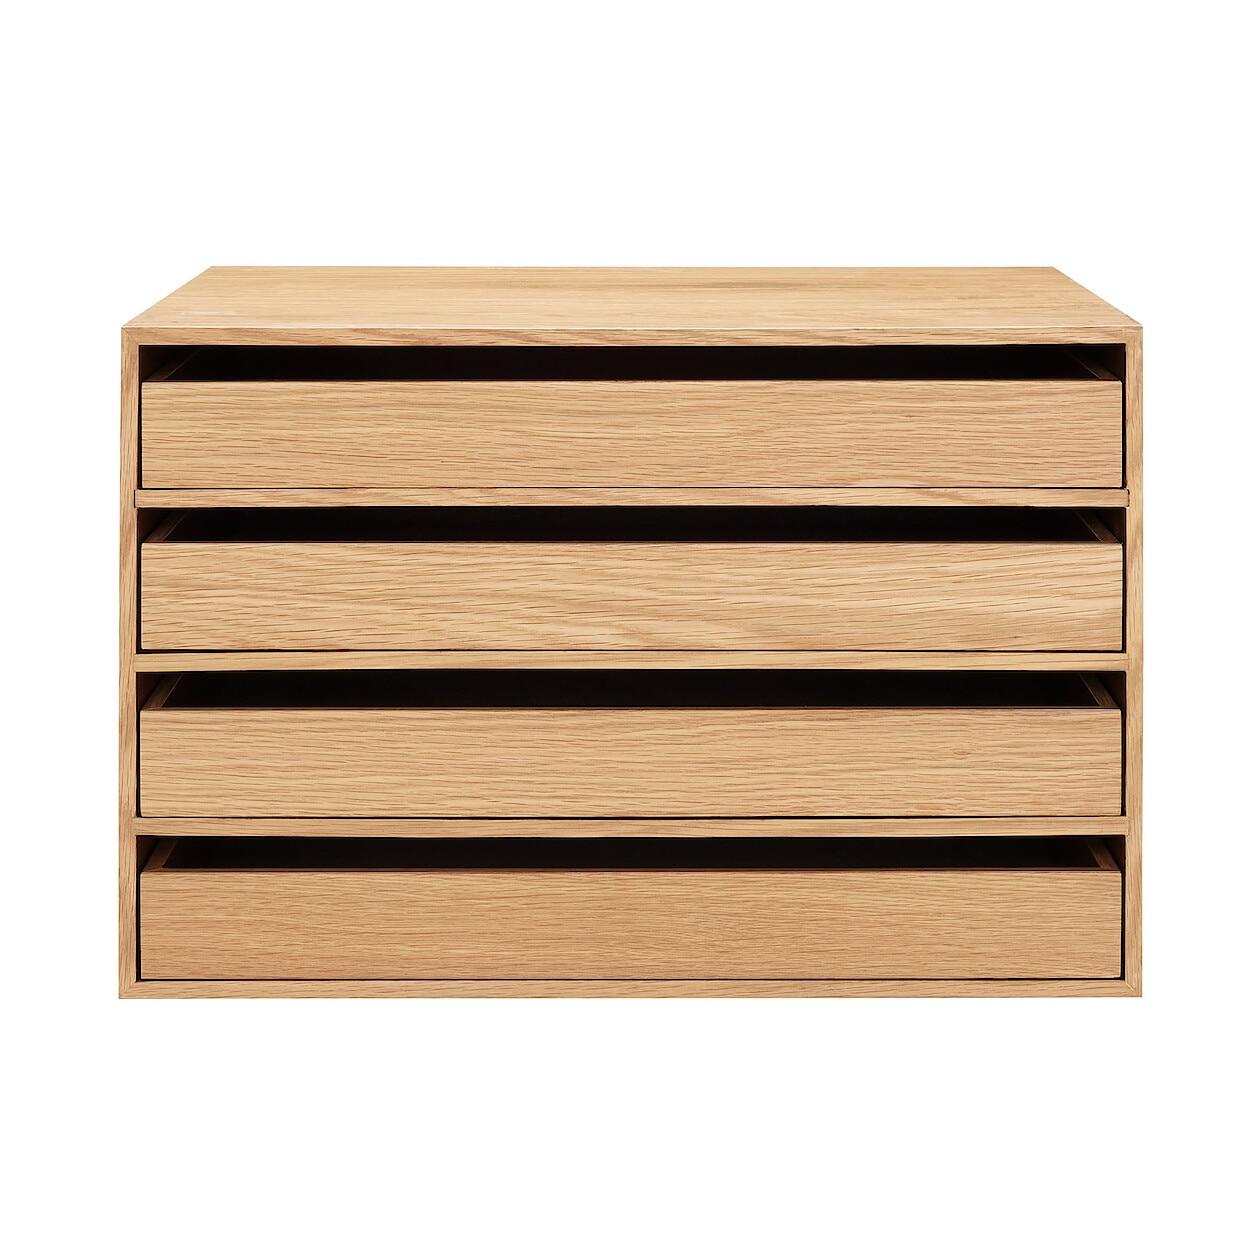 木製収納ケース・引出式・4段・ワイド・オーク材